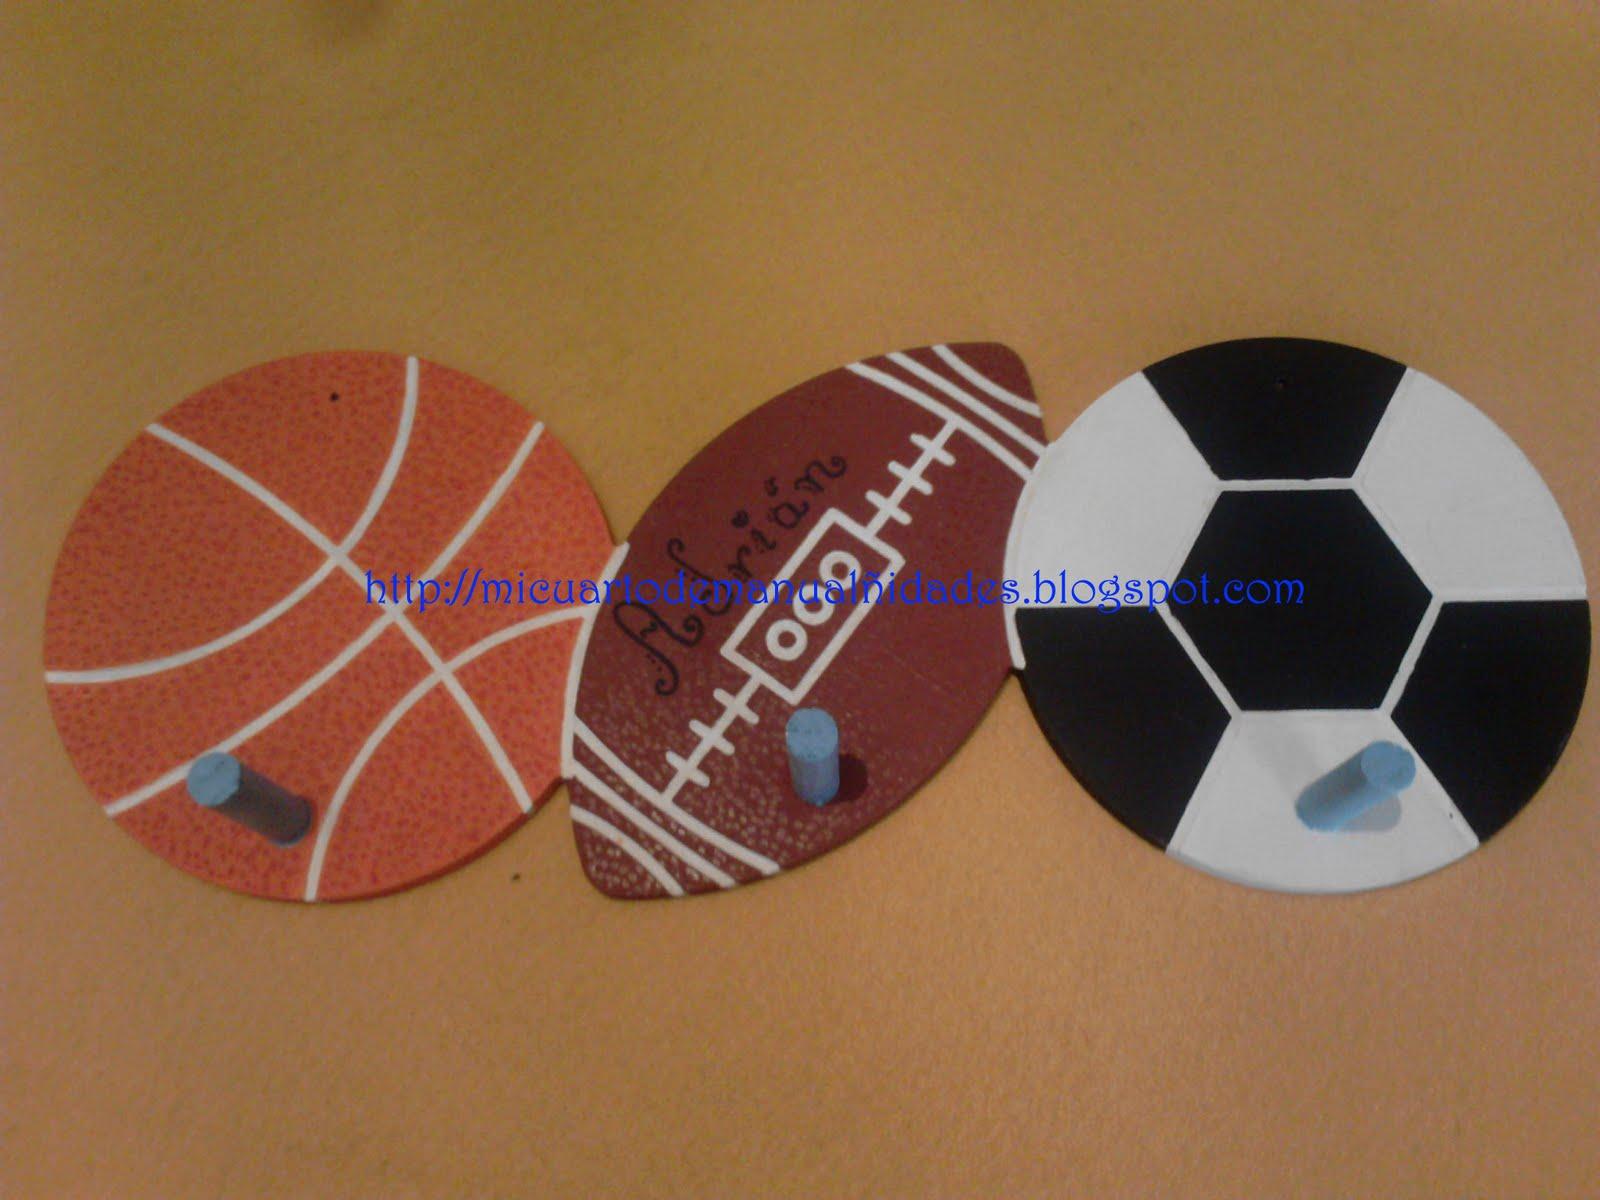 Imagenes De Balones De Futbol Americano Para Colorear - Balon De Futbol Para Colorear Pintar imágenes